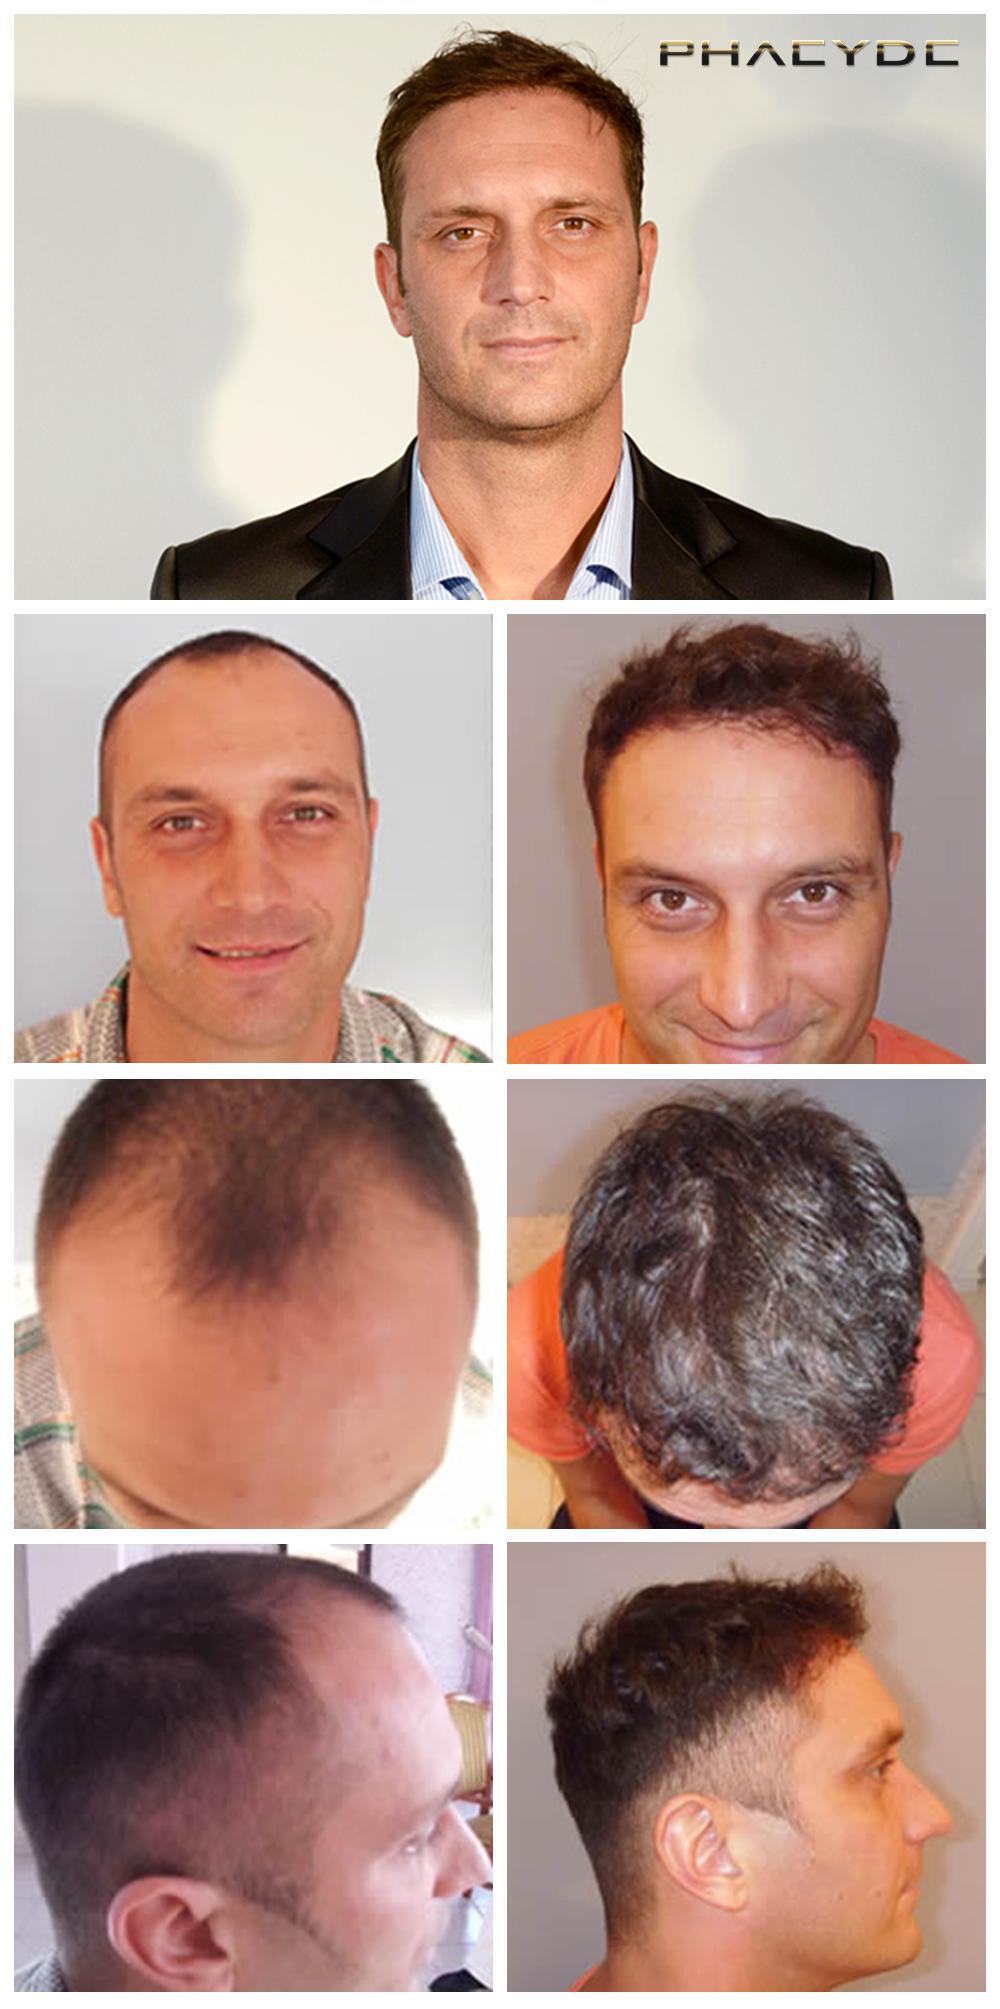 hårtransplantation før efter billeder